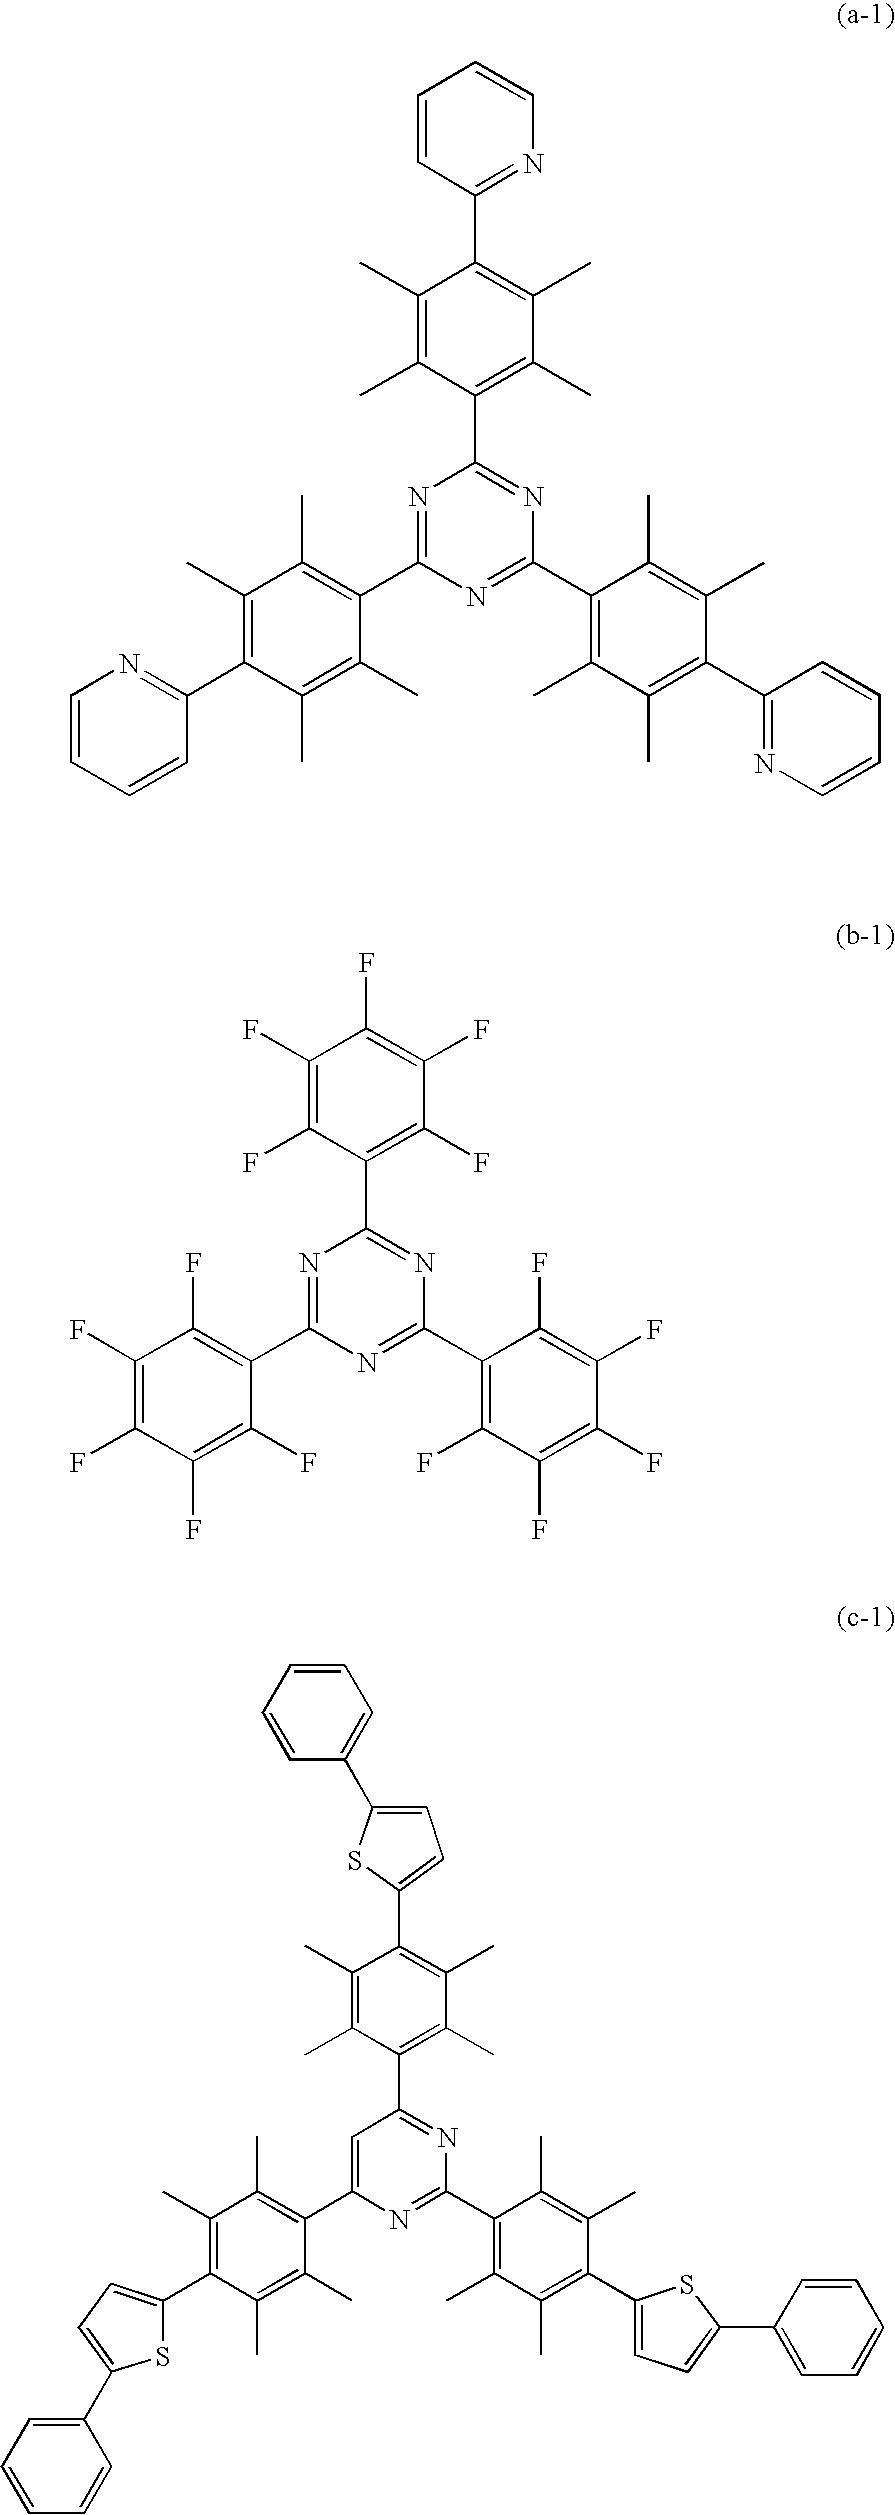 Figure US07608993-20091027-C00028